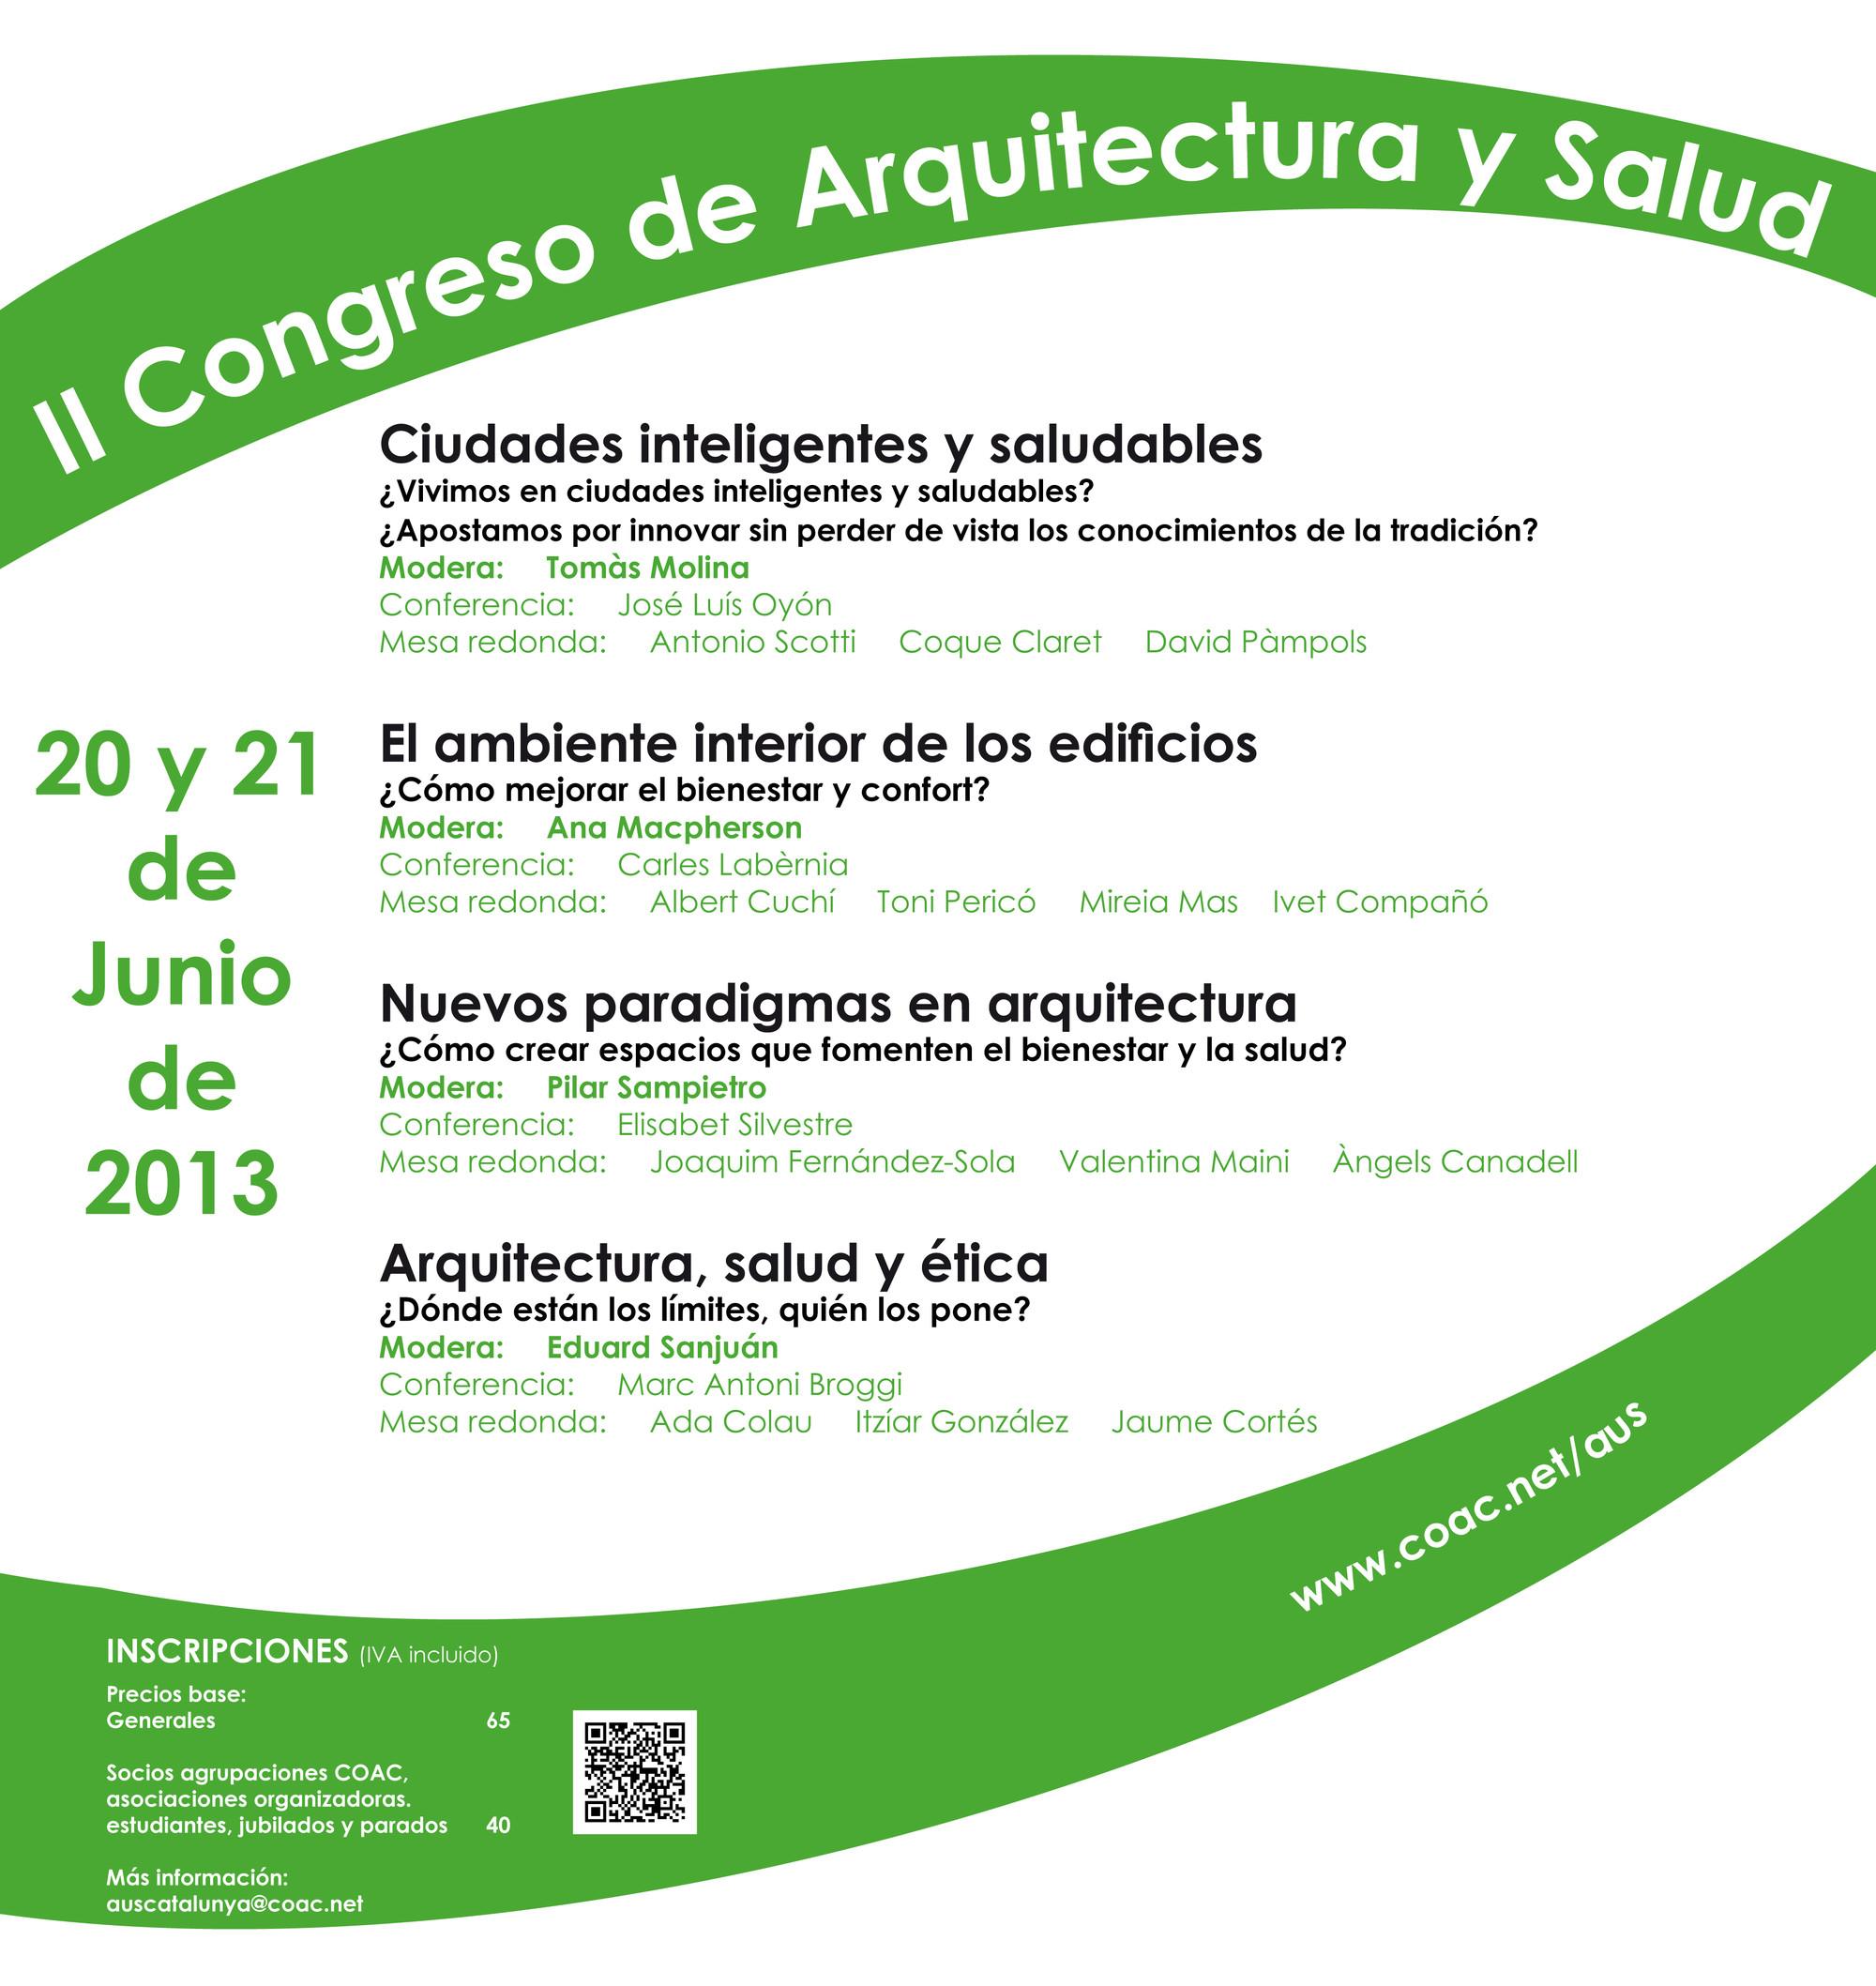 II Congreso Arquitectura y Salud / COAC Barcelona